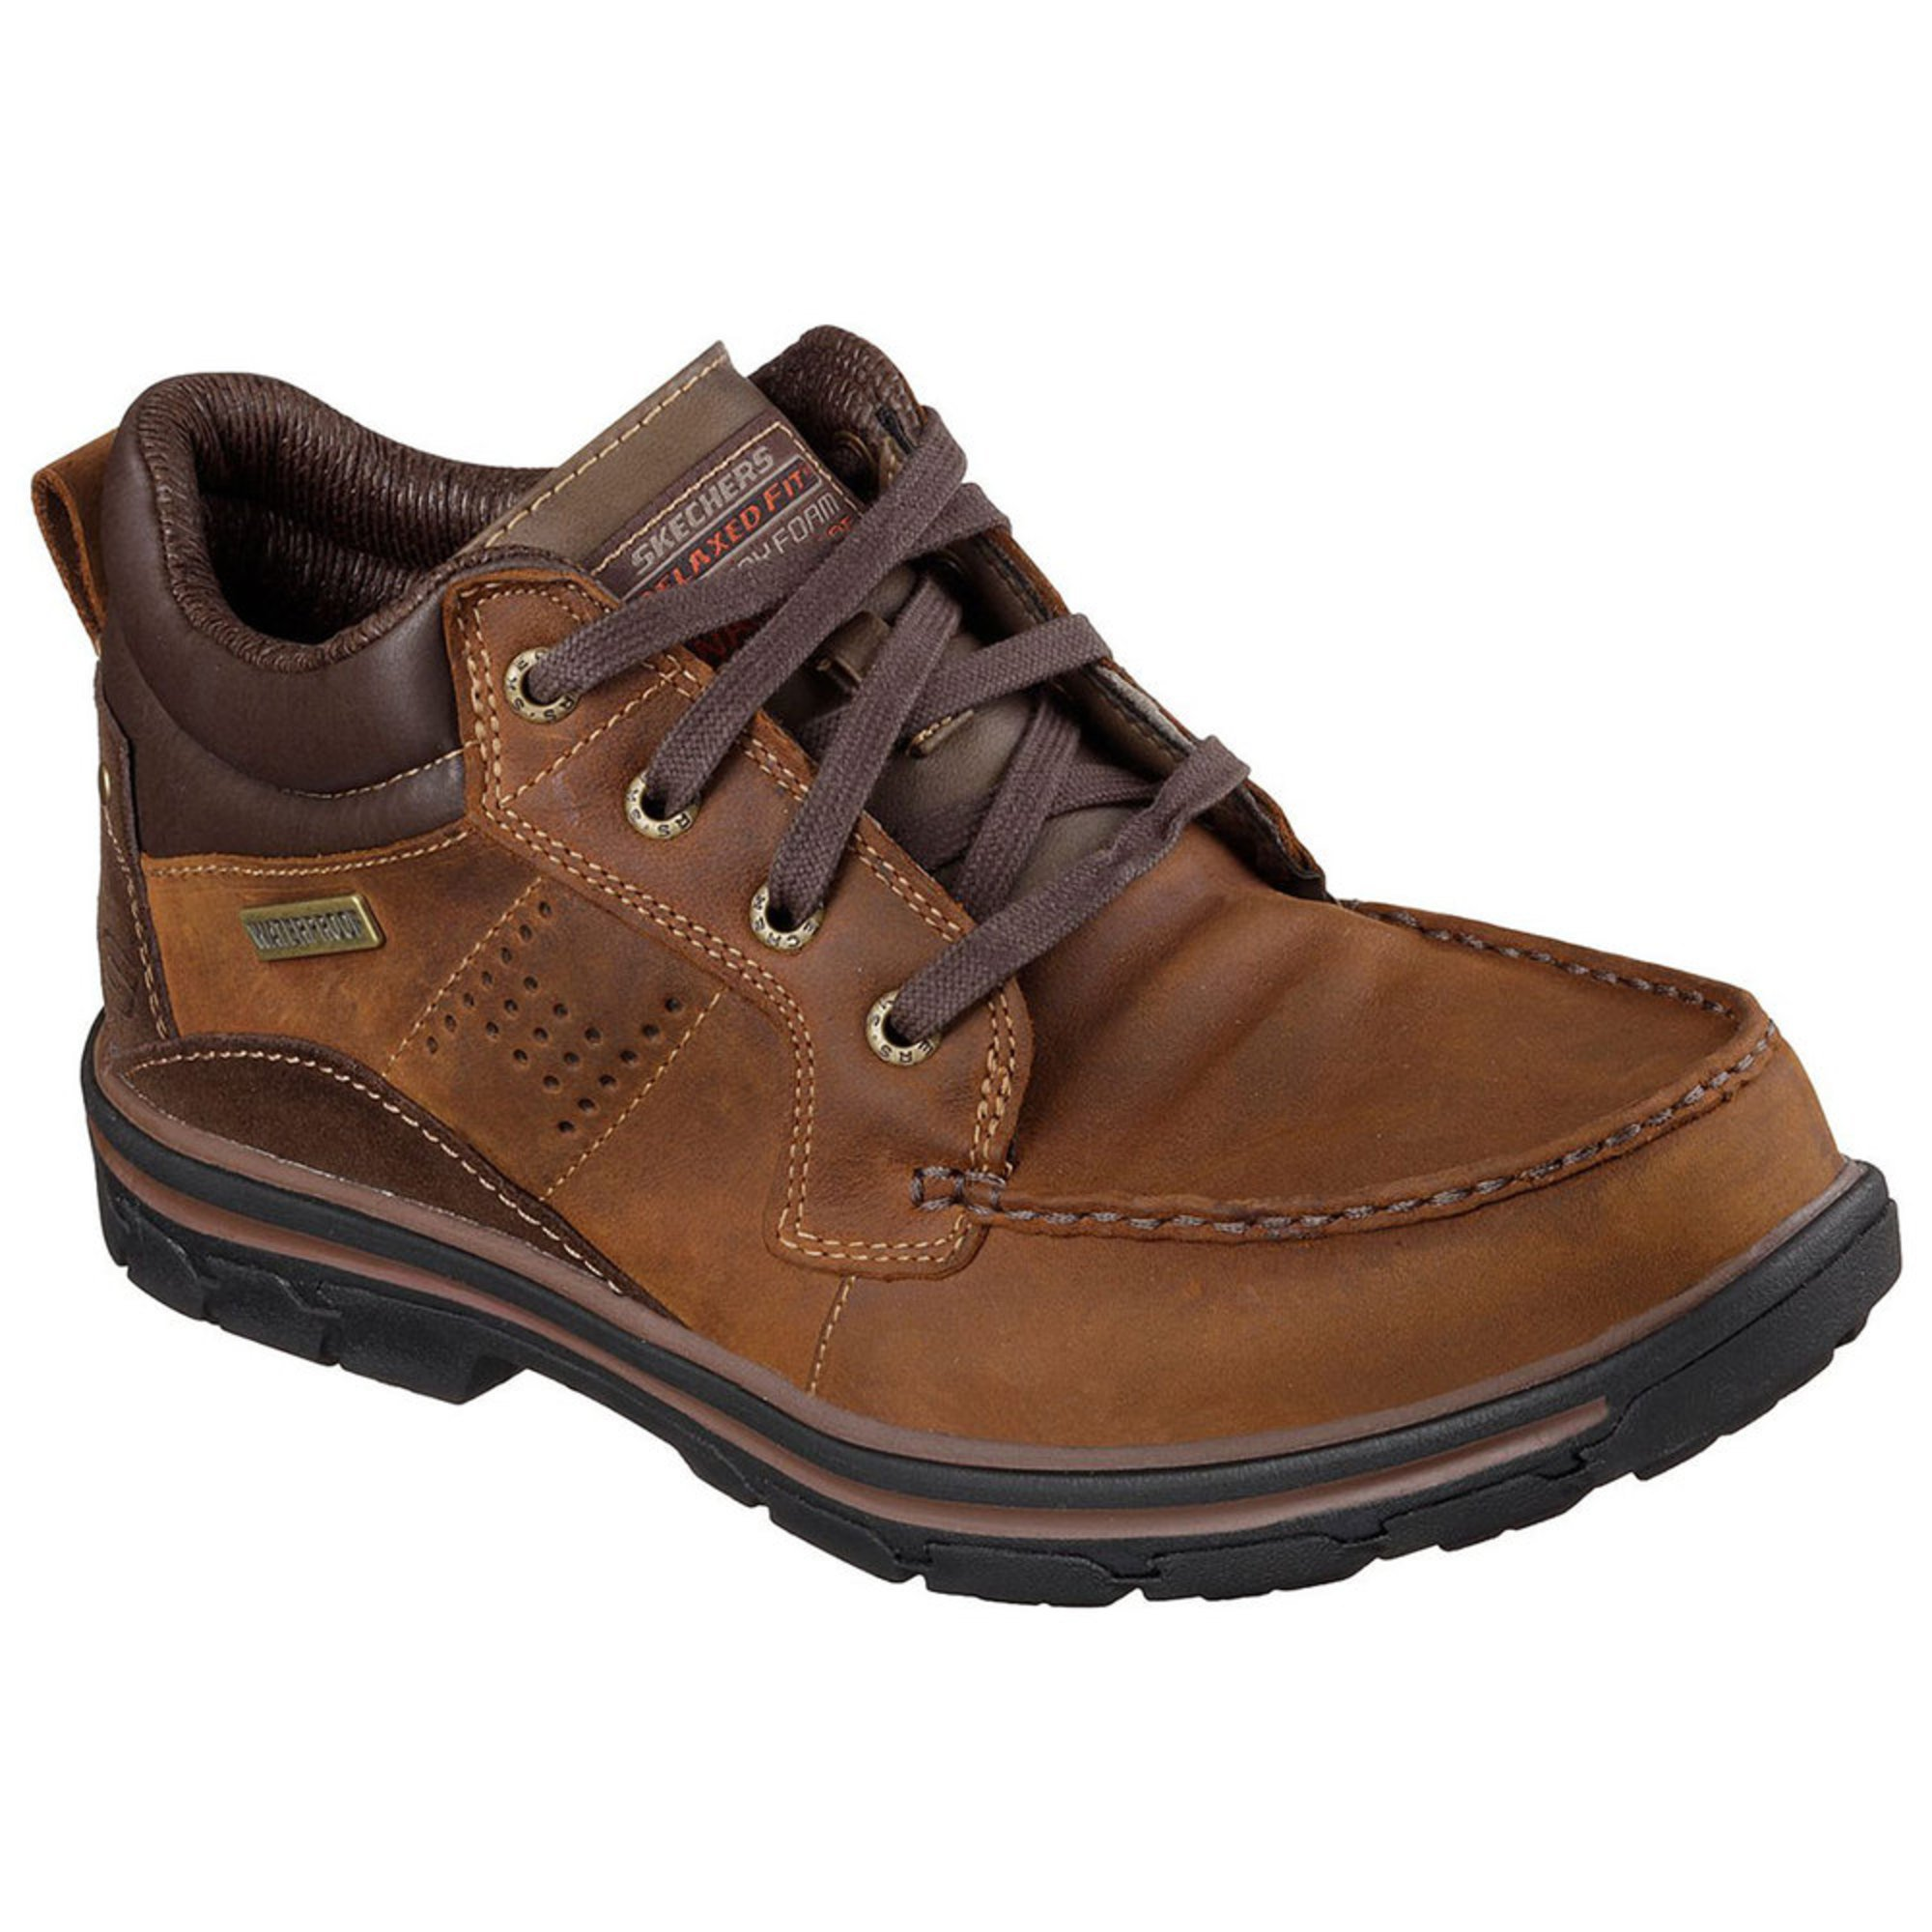 hommes's Skechers Segment Melego Boot